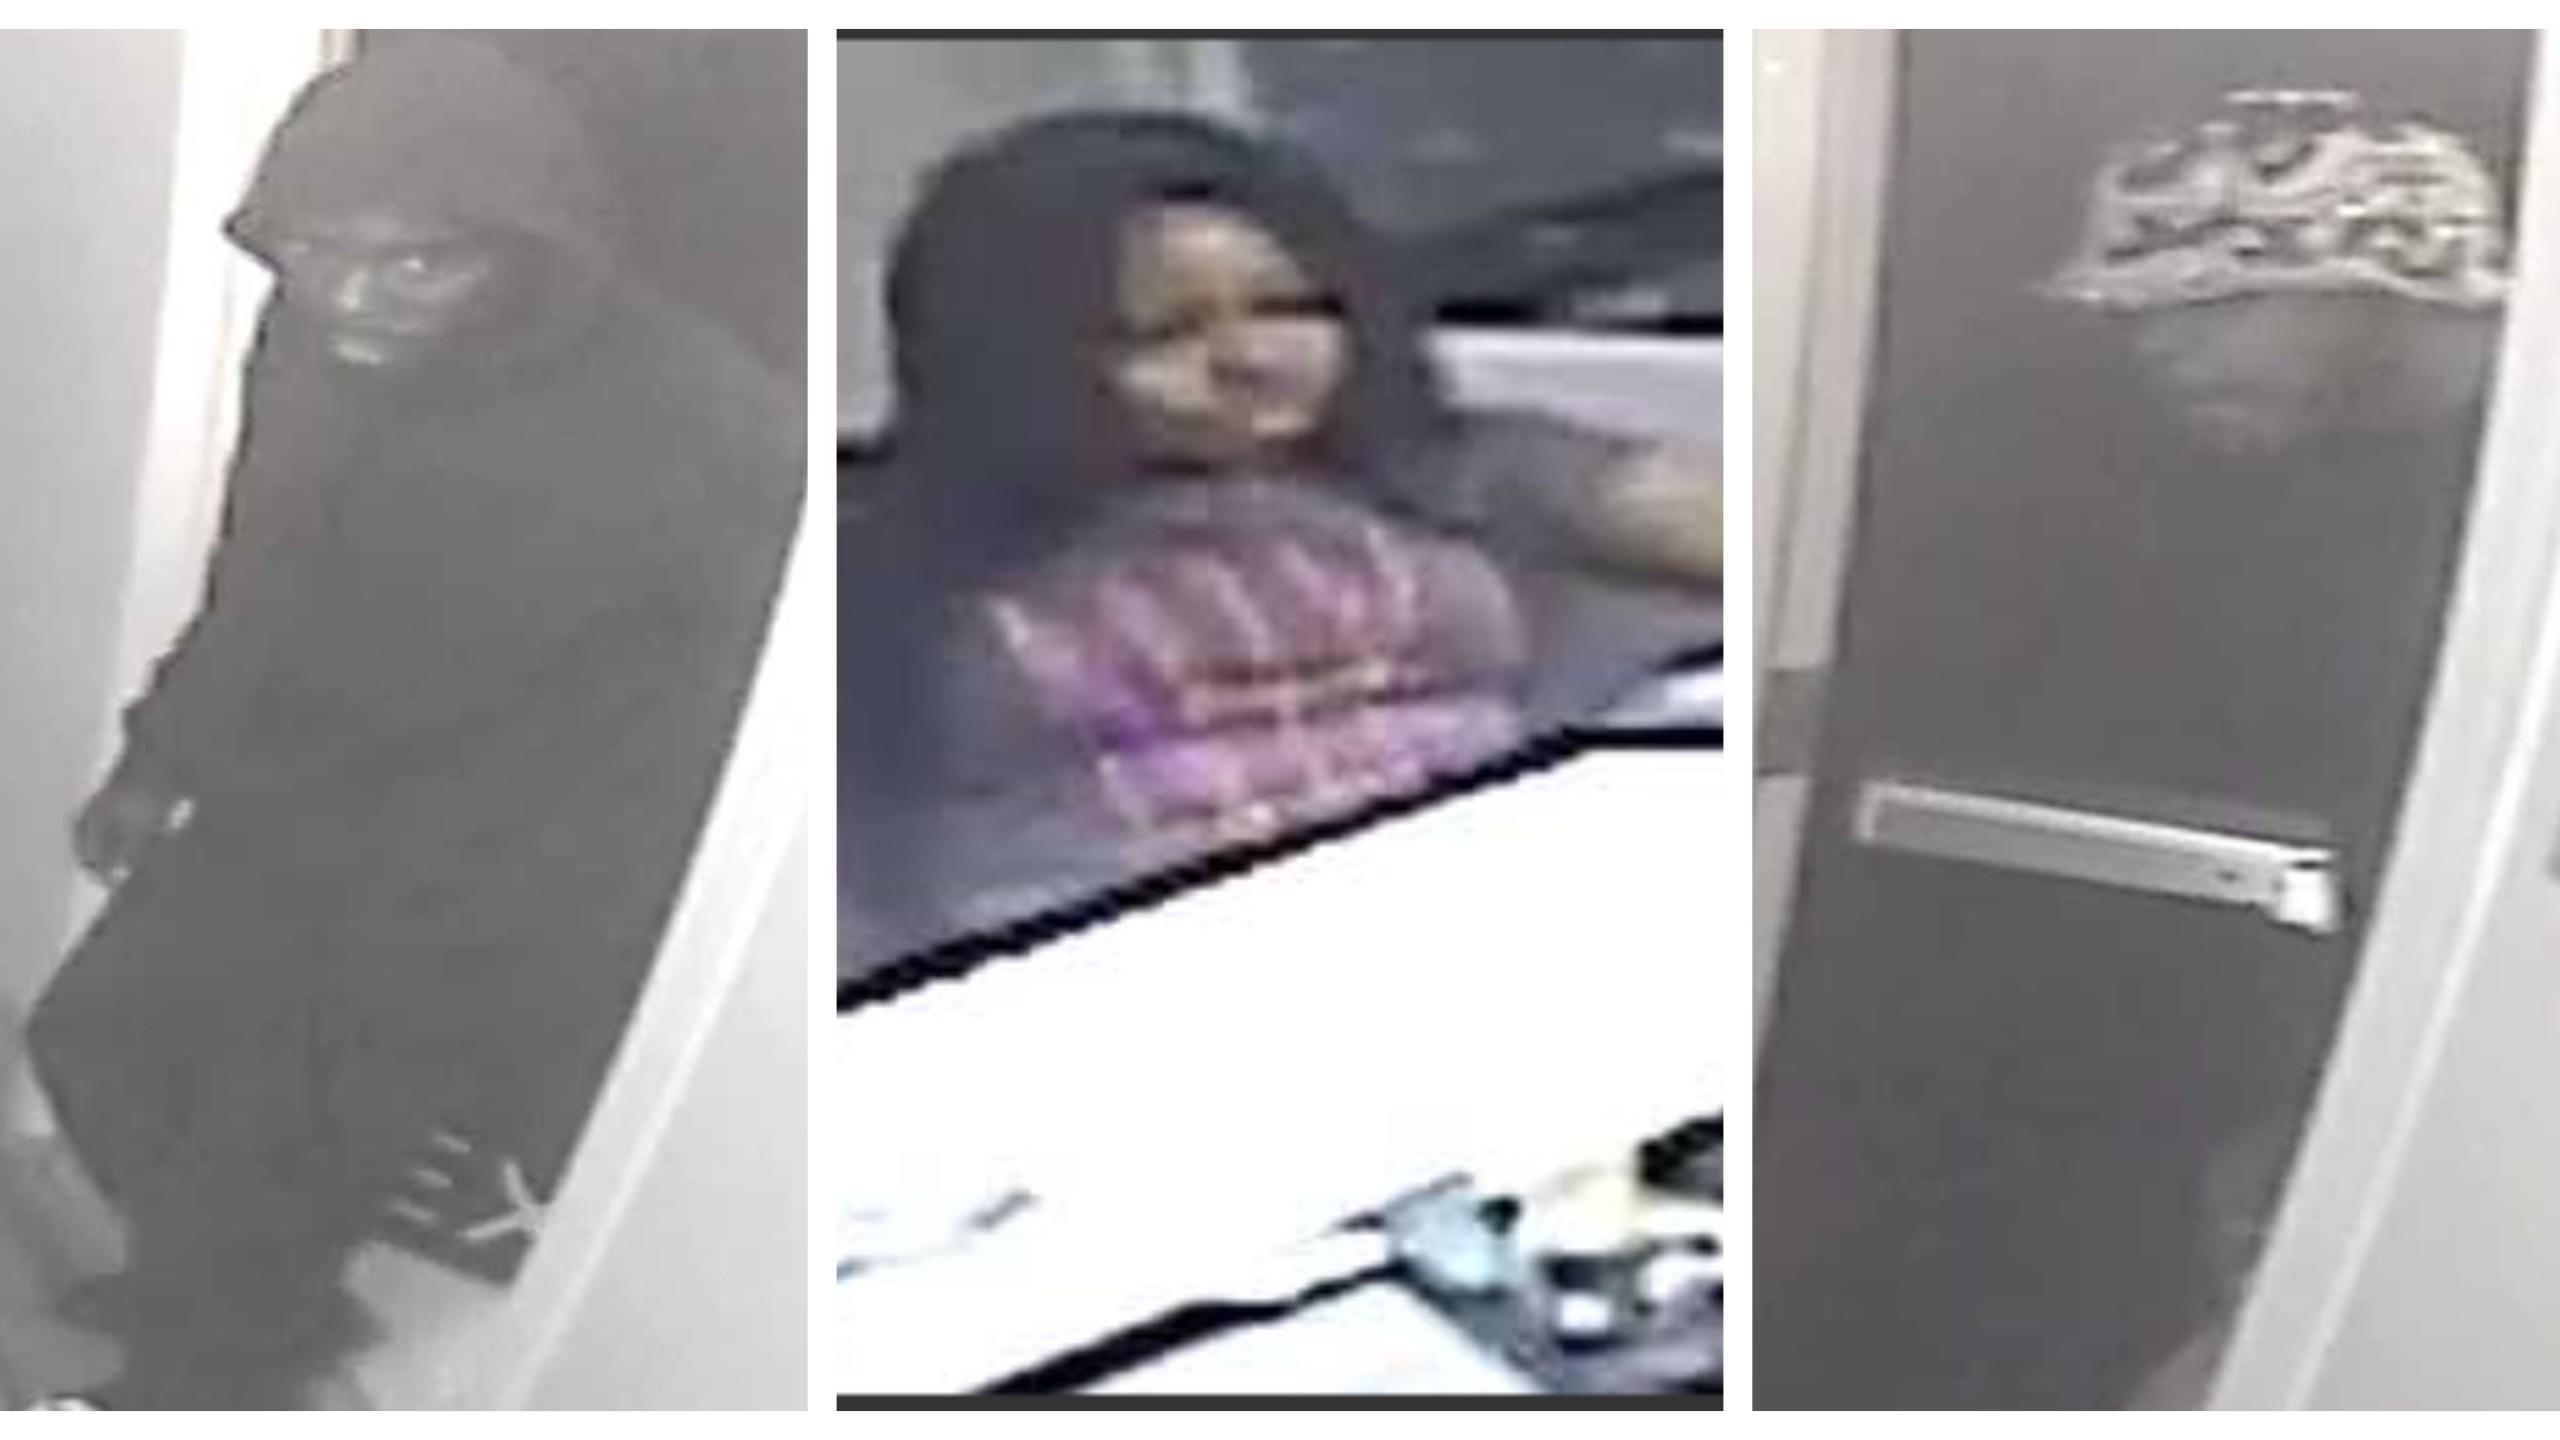 Business burglary suspects 05.02.19_1556819943850.jpg.jpg